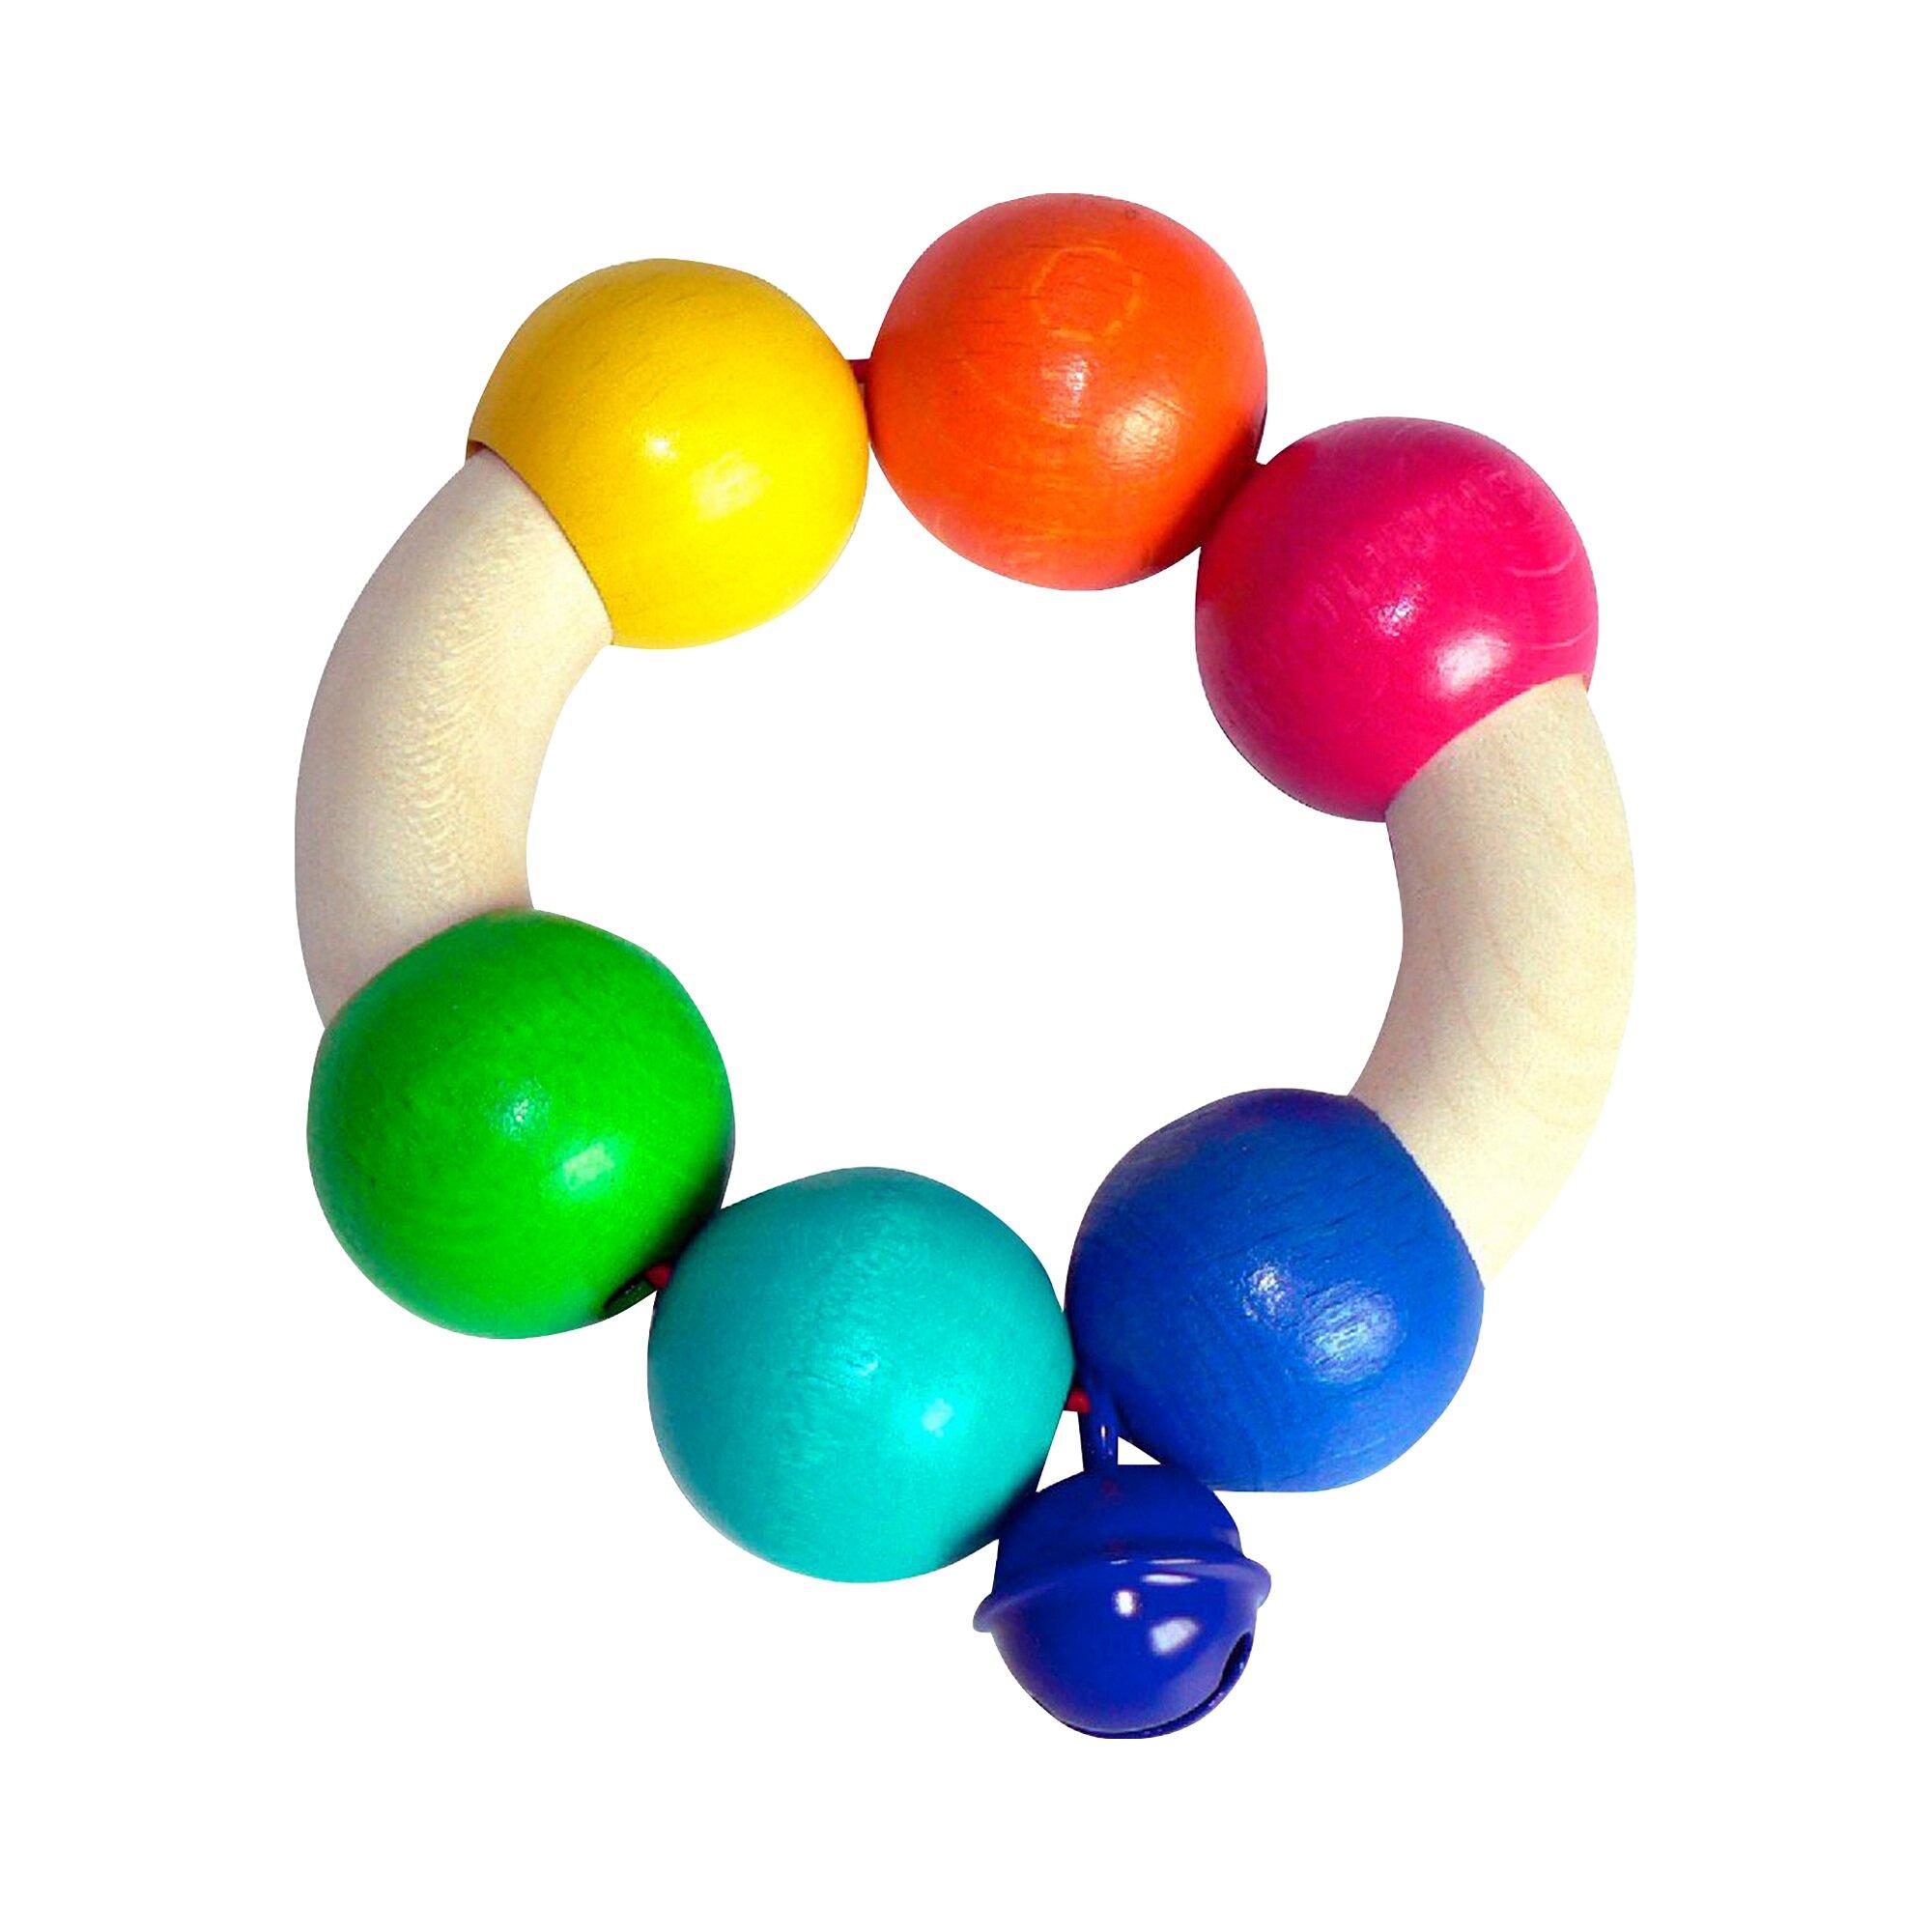 Hess Spielzeug Rassel Regenbogen aus Holz